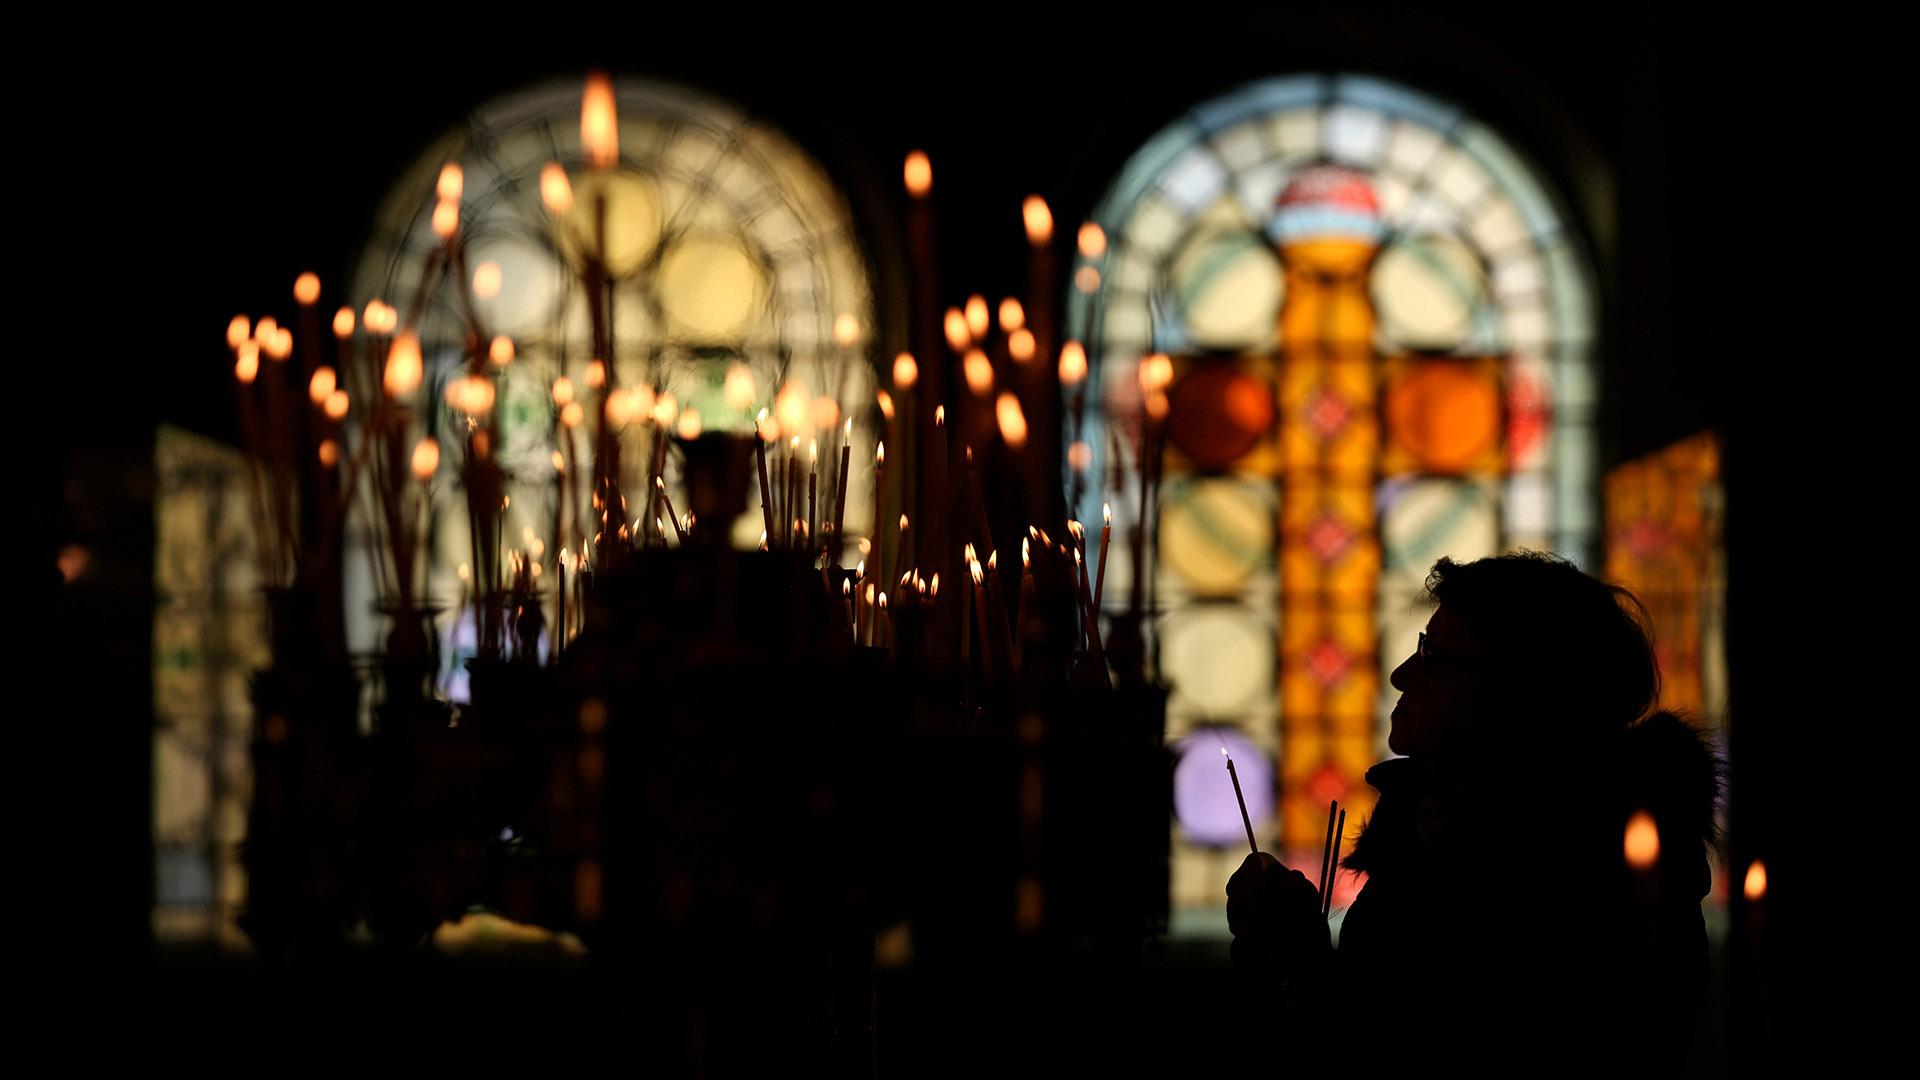 Una mujer sostiene una vela mientras asiste a una misa en Navidad en la catedral de San Alejandro Nevski en Sofía, Bulgaria